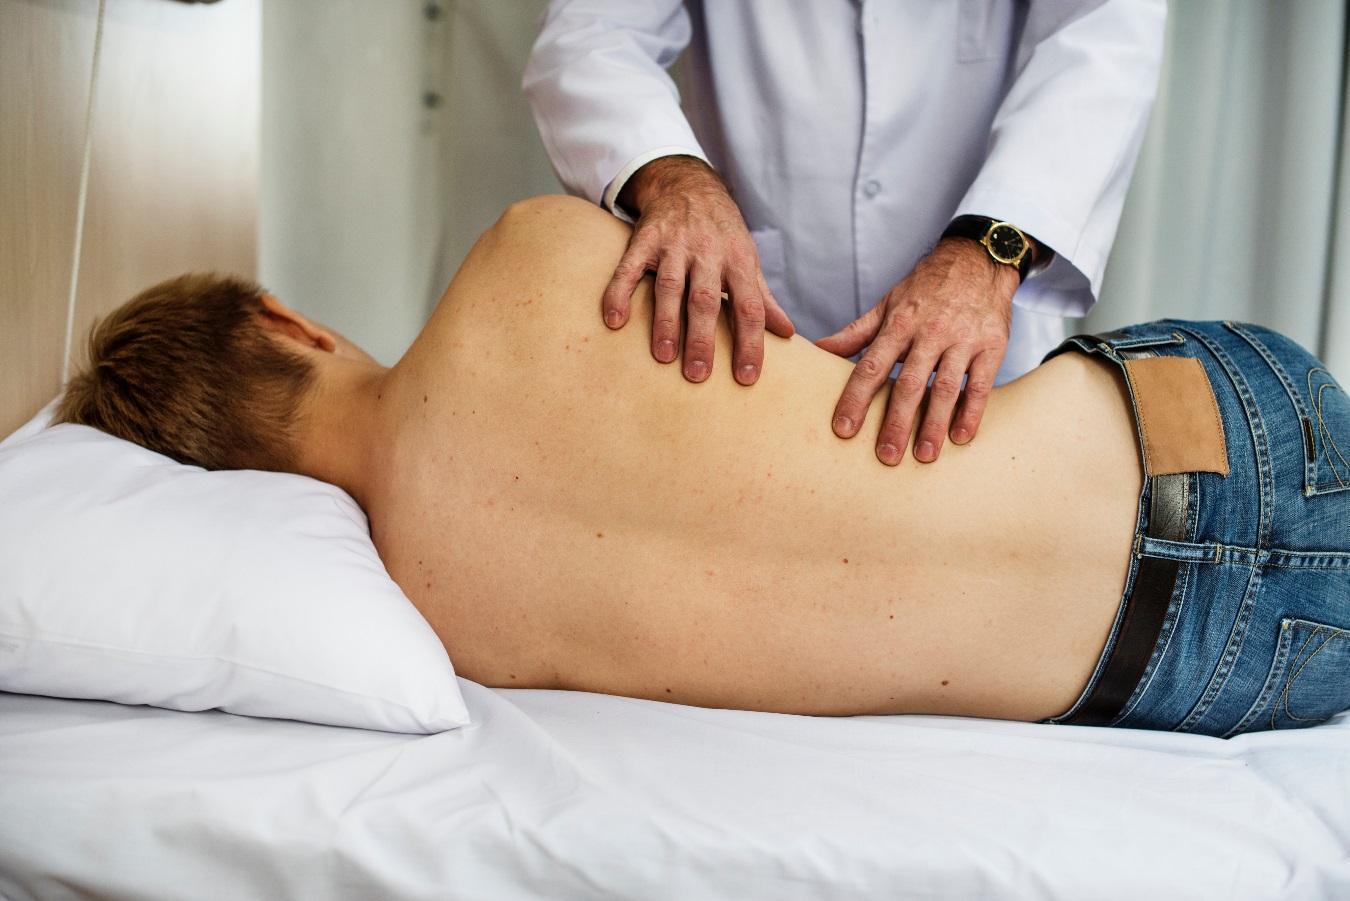 Medico examinando los riñones de un paciente